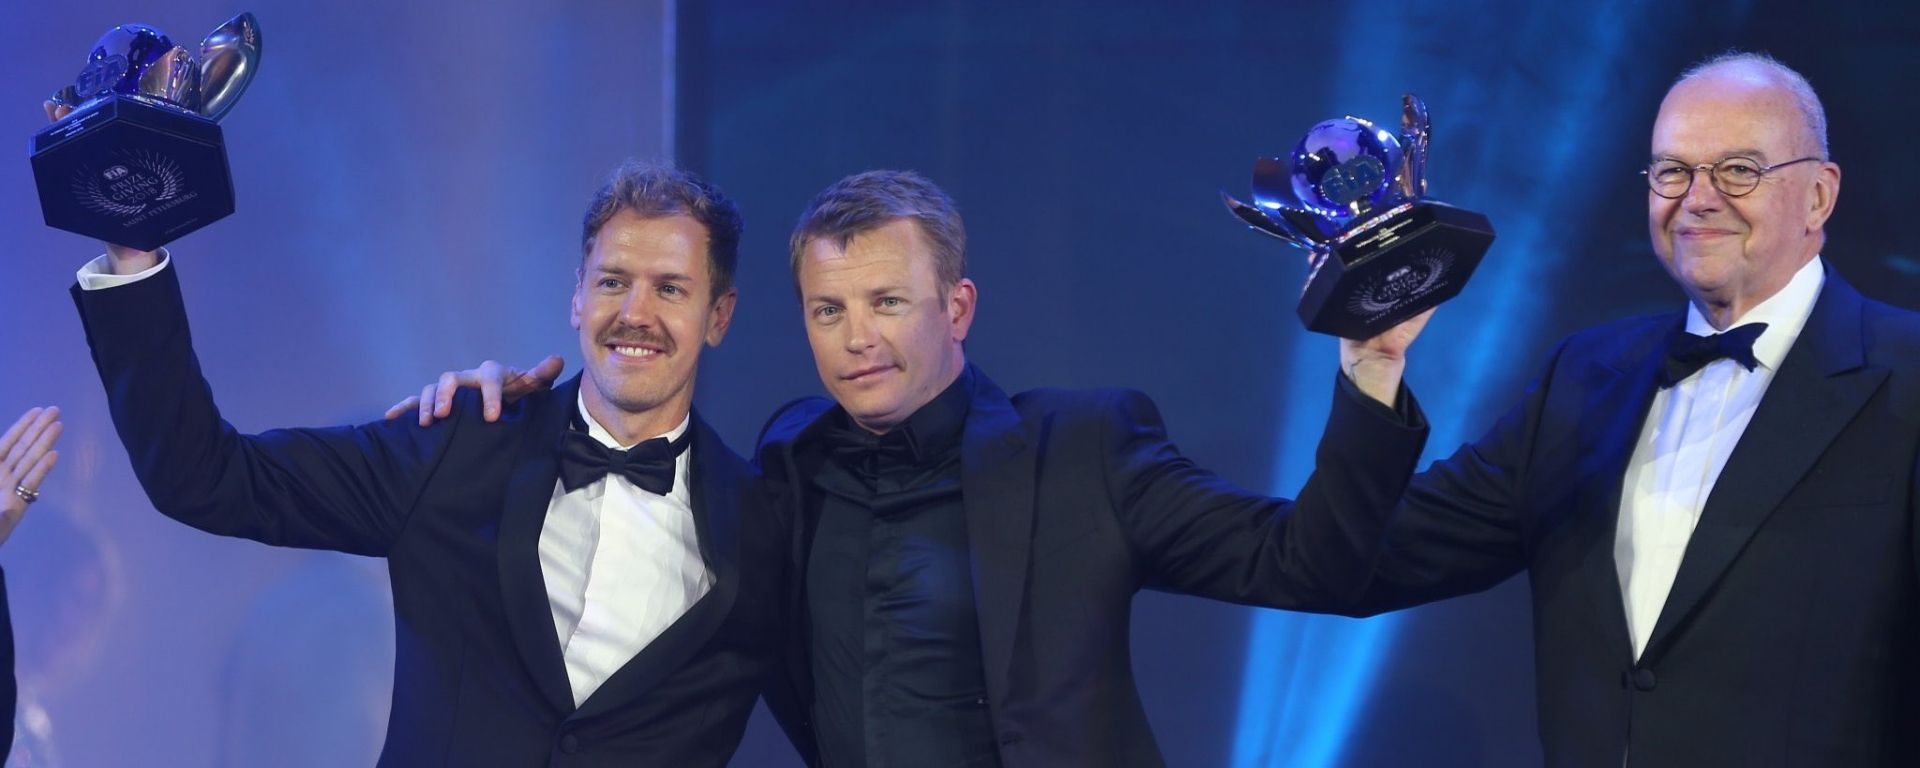 FIA Prize Giving 2018 - Sebastian Vettel e Kimi Raikkonen